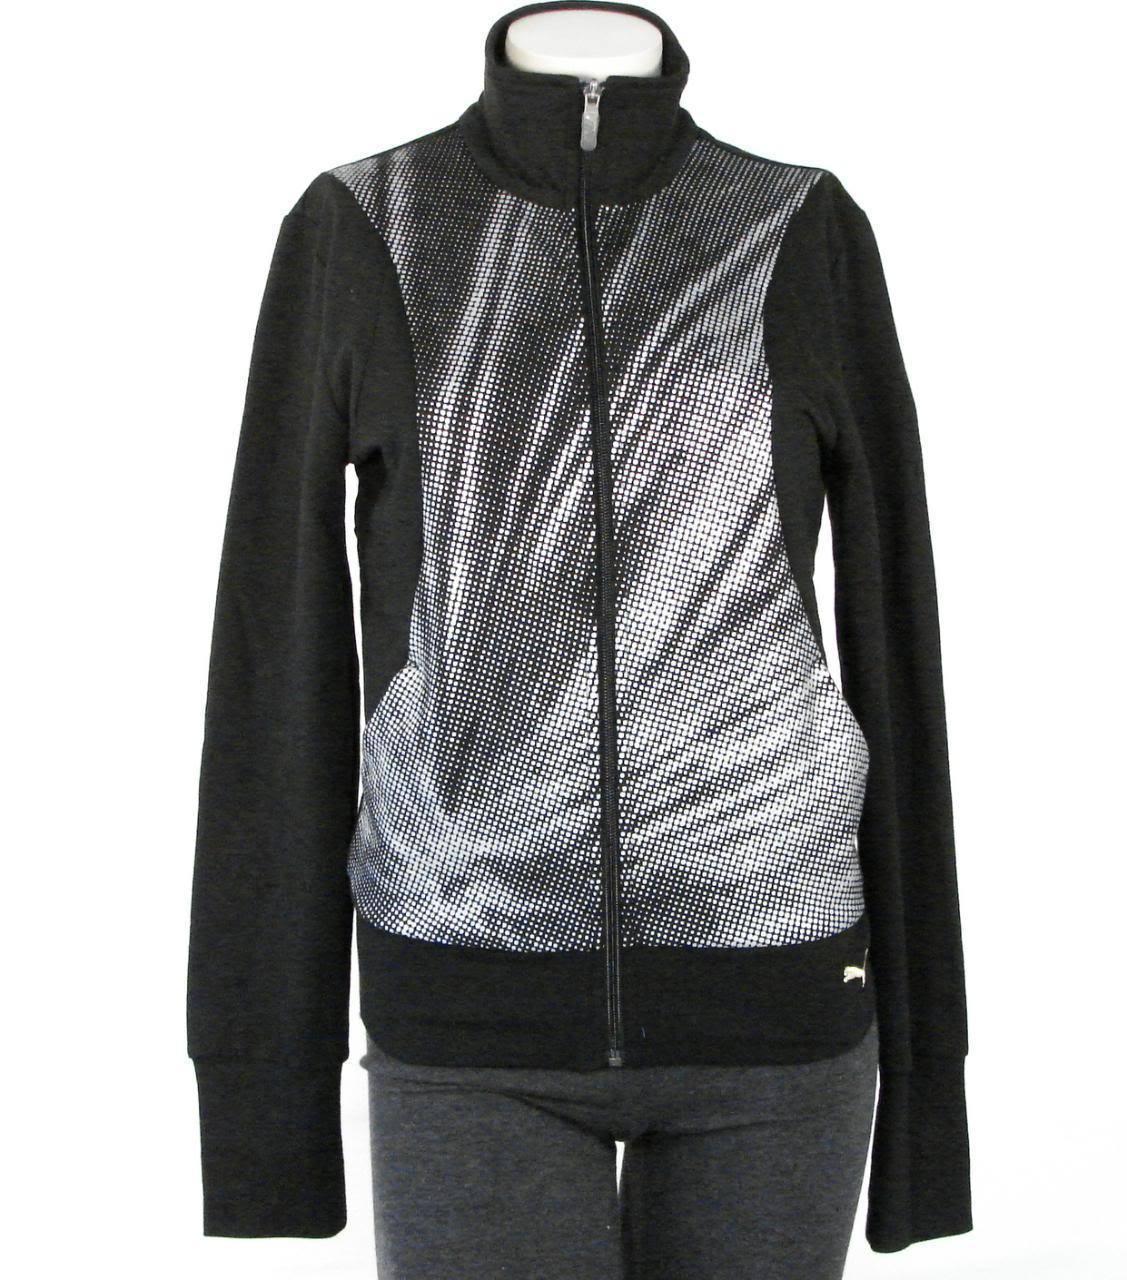 Puma Black & Silver Stretch Sweat Track Jacket Womans NWT - $44.99